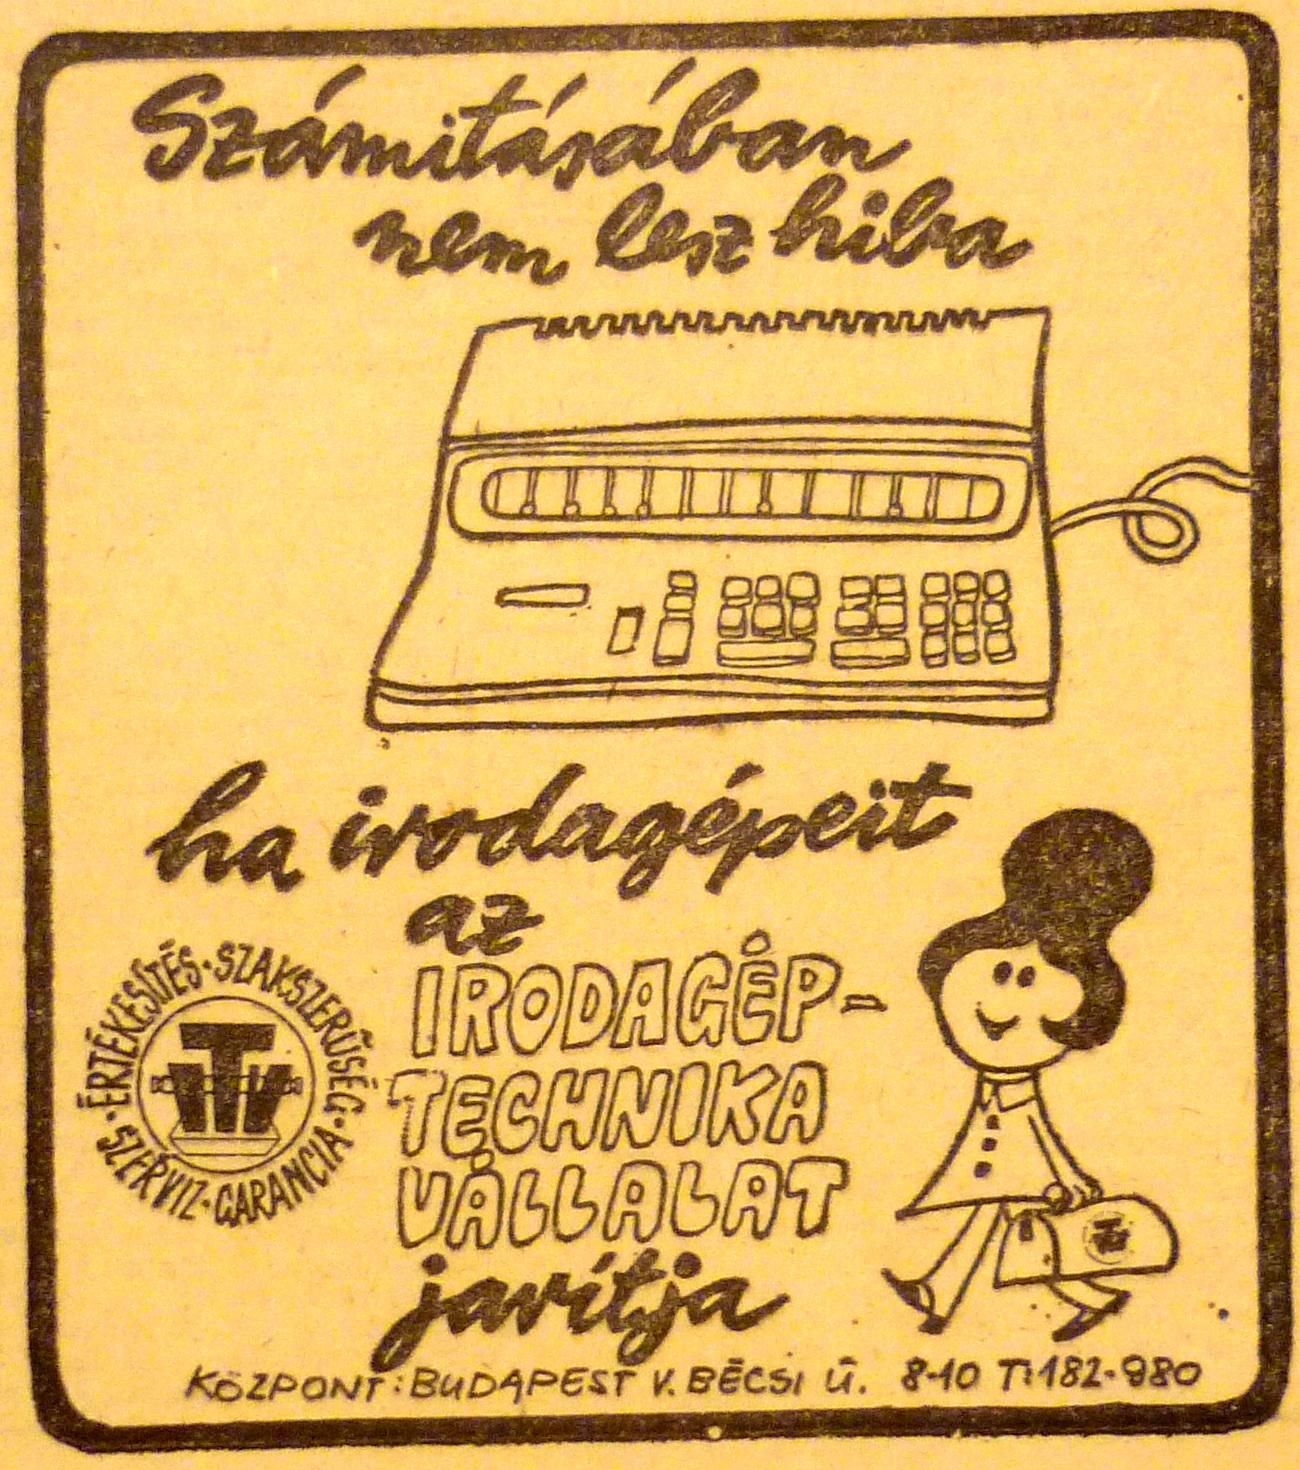 szamitastechnika-197105-magyarnemzethirdetes.jpg